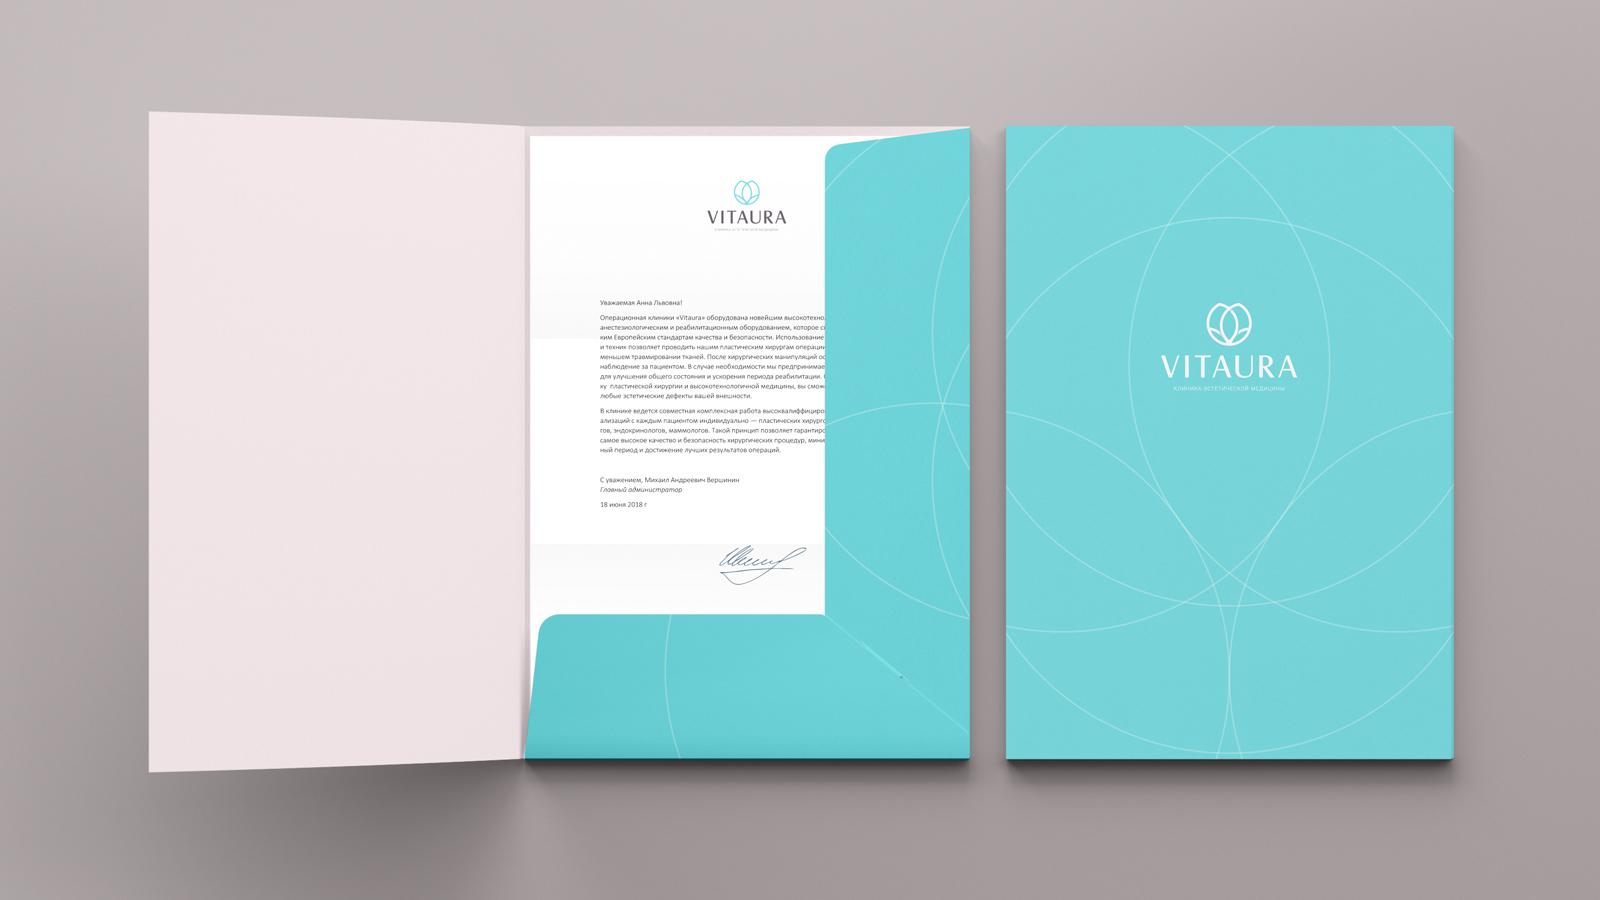 Цветовой код в основе фирменного стиля позволяет подчеркнуть особую эстетическую природу бренда, одновременно подчеркивая его высокую профессиональную экспертизу в области медицины и хирургии.